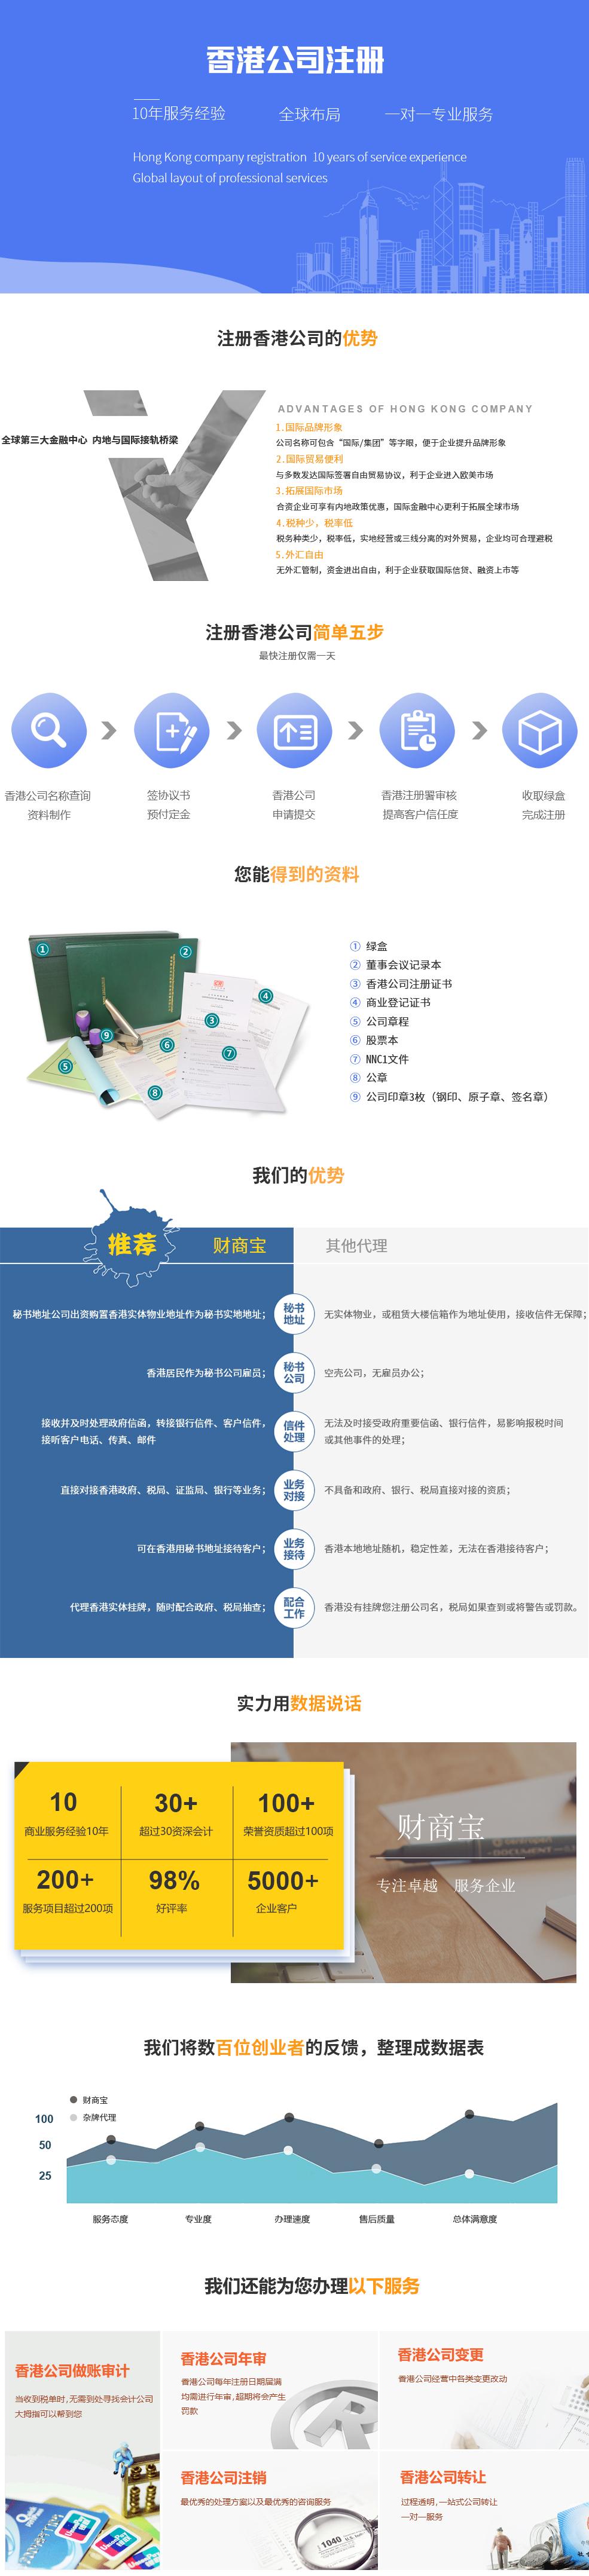 香港公司注册_03.jpg